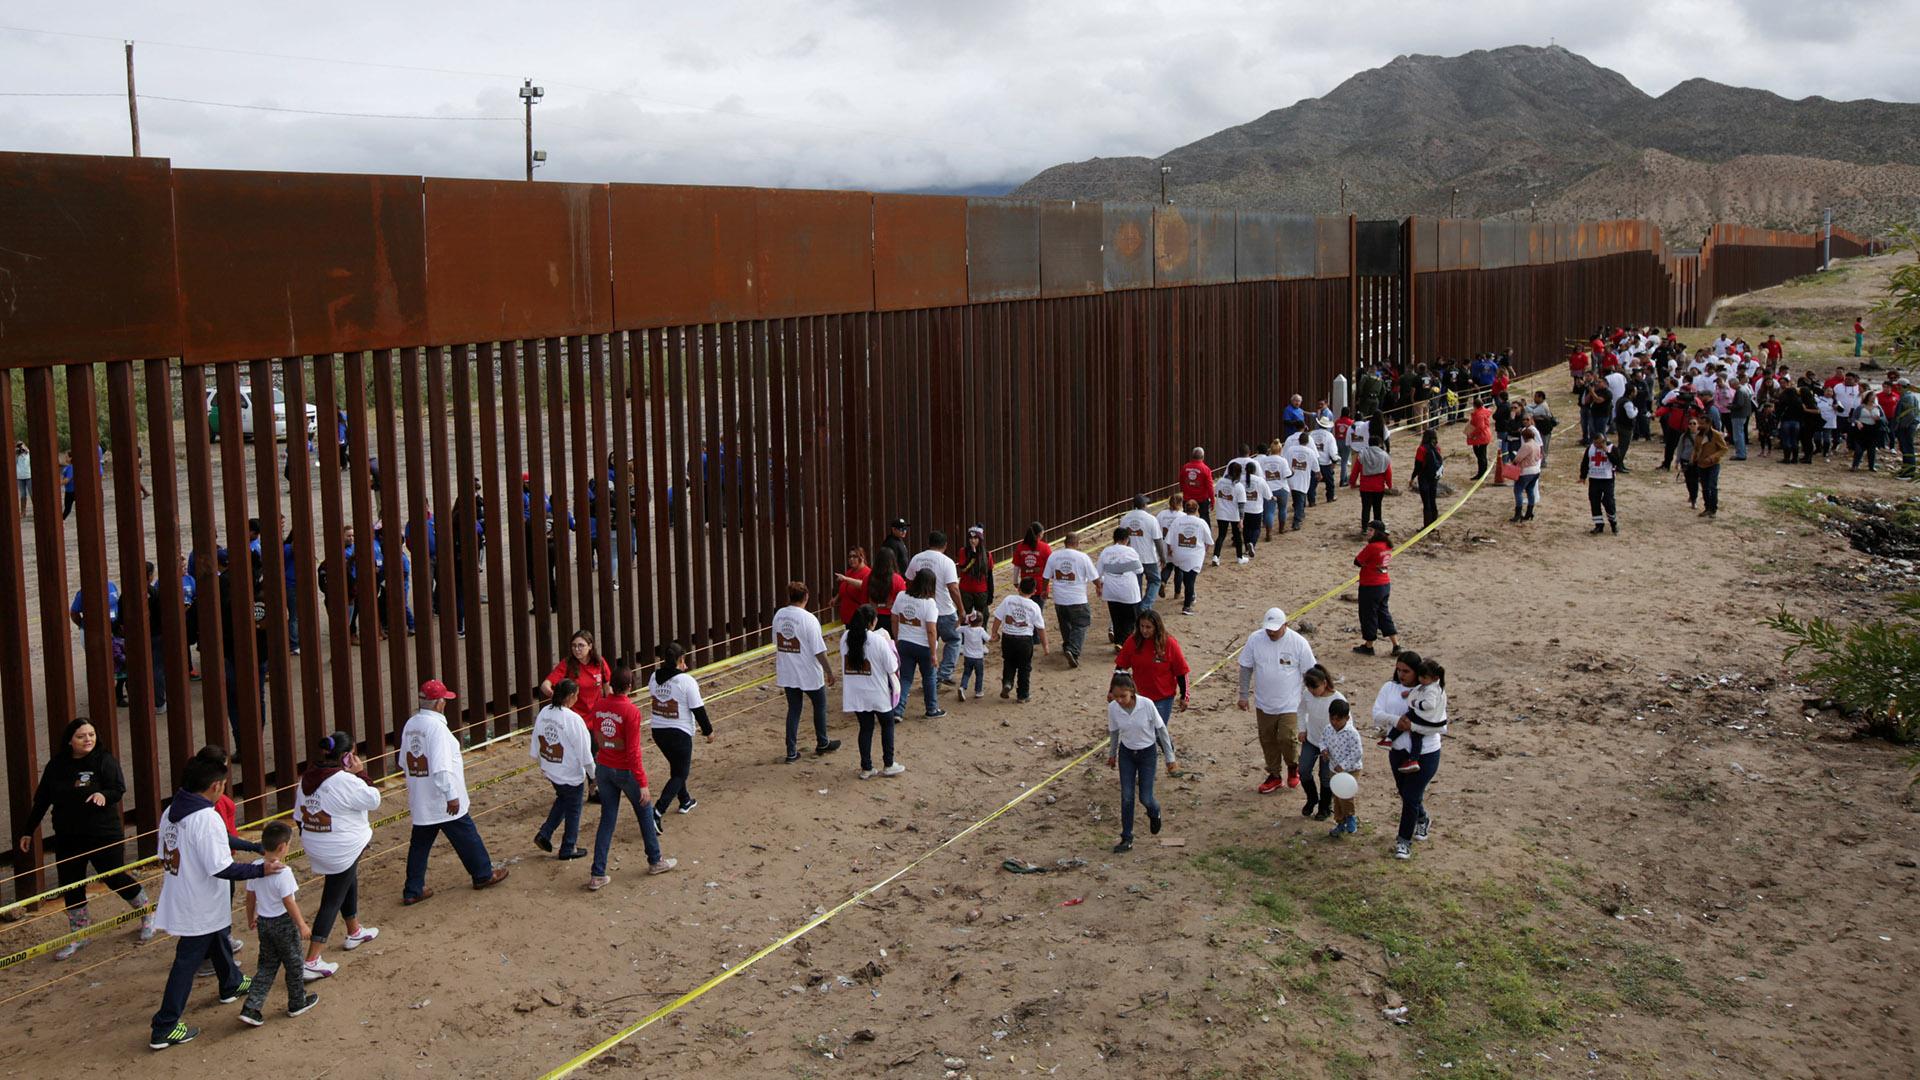 El gobierno de EEUU quiere ampliar el muro (Foto: Reuters)